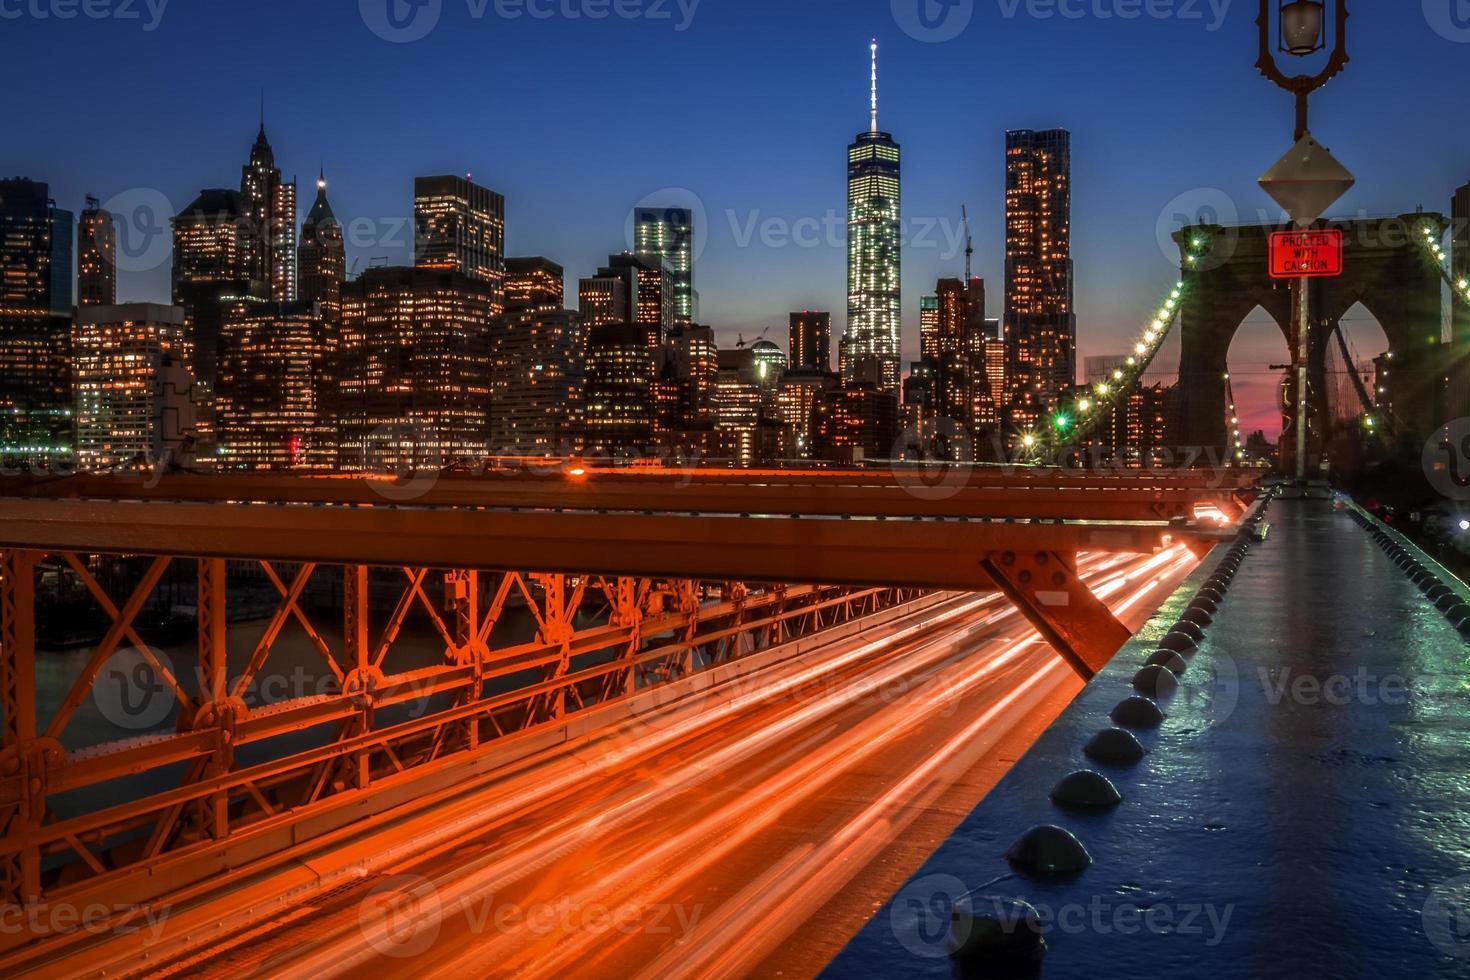 brooklyn bridge på natten med lätta spår foto